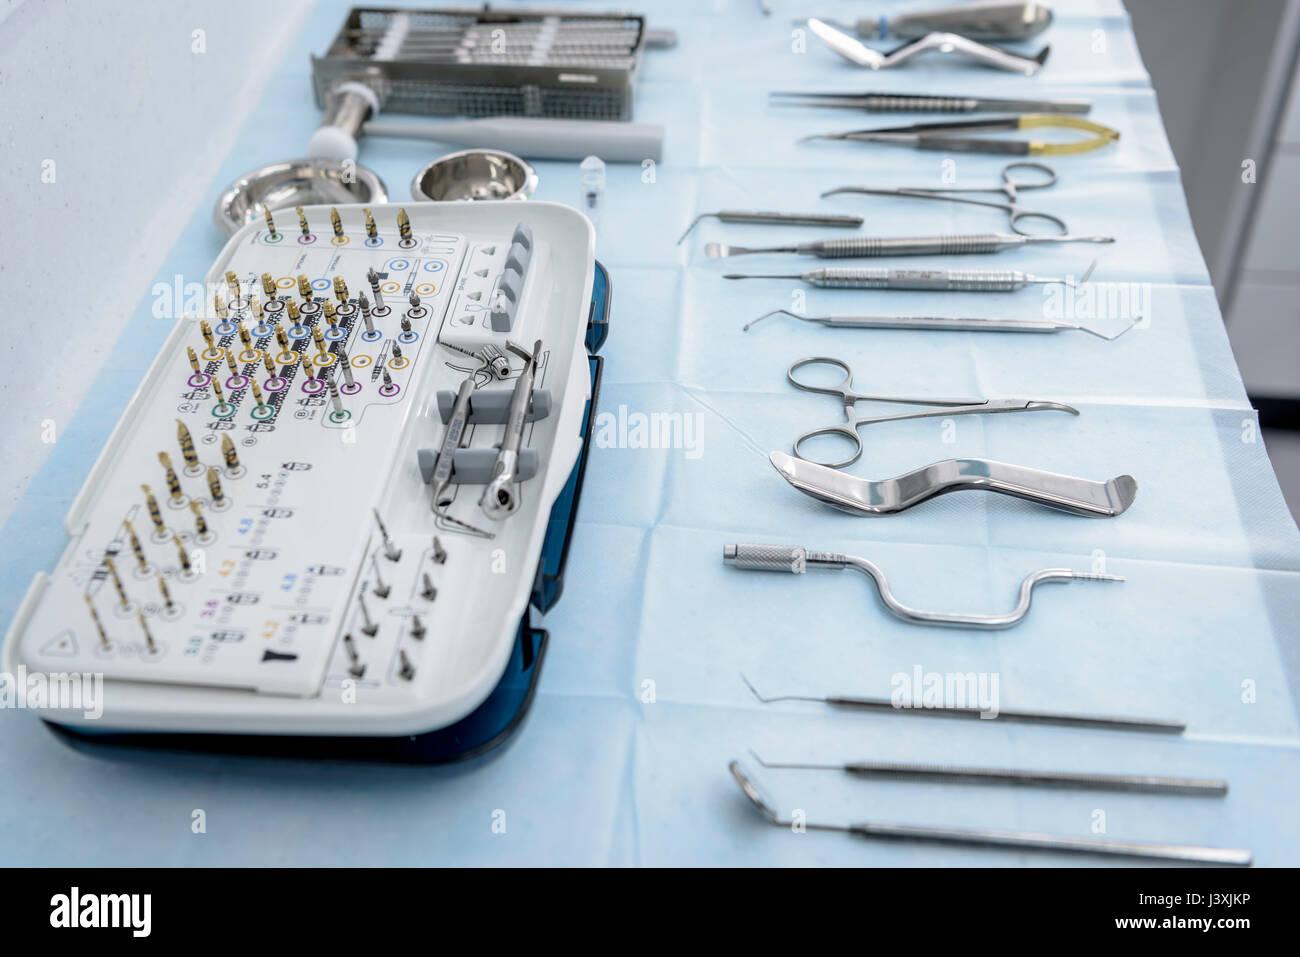 Selección de herramientas dentales en cirugía dental Imagen De Stock